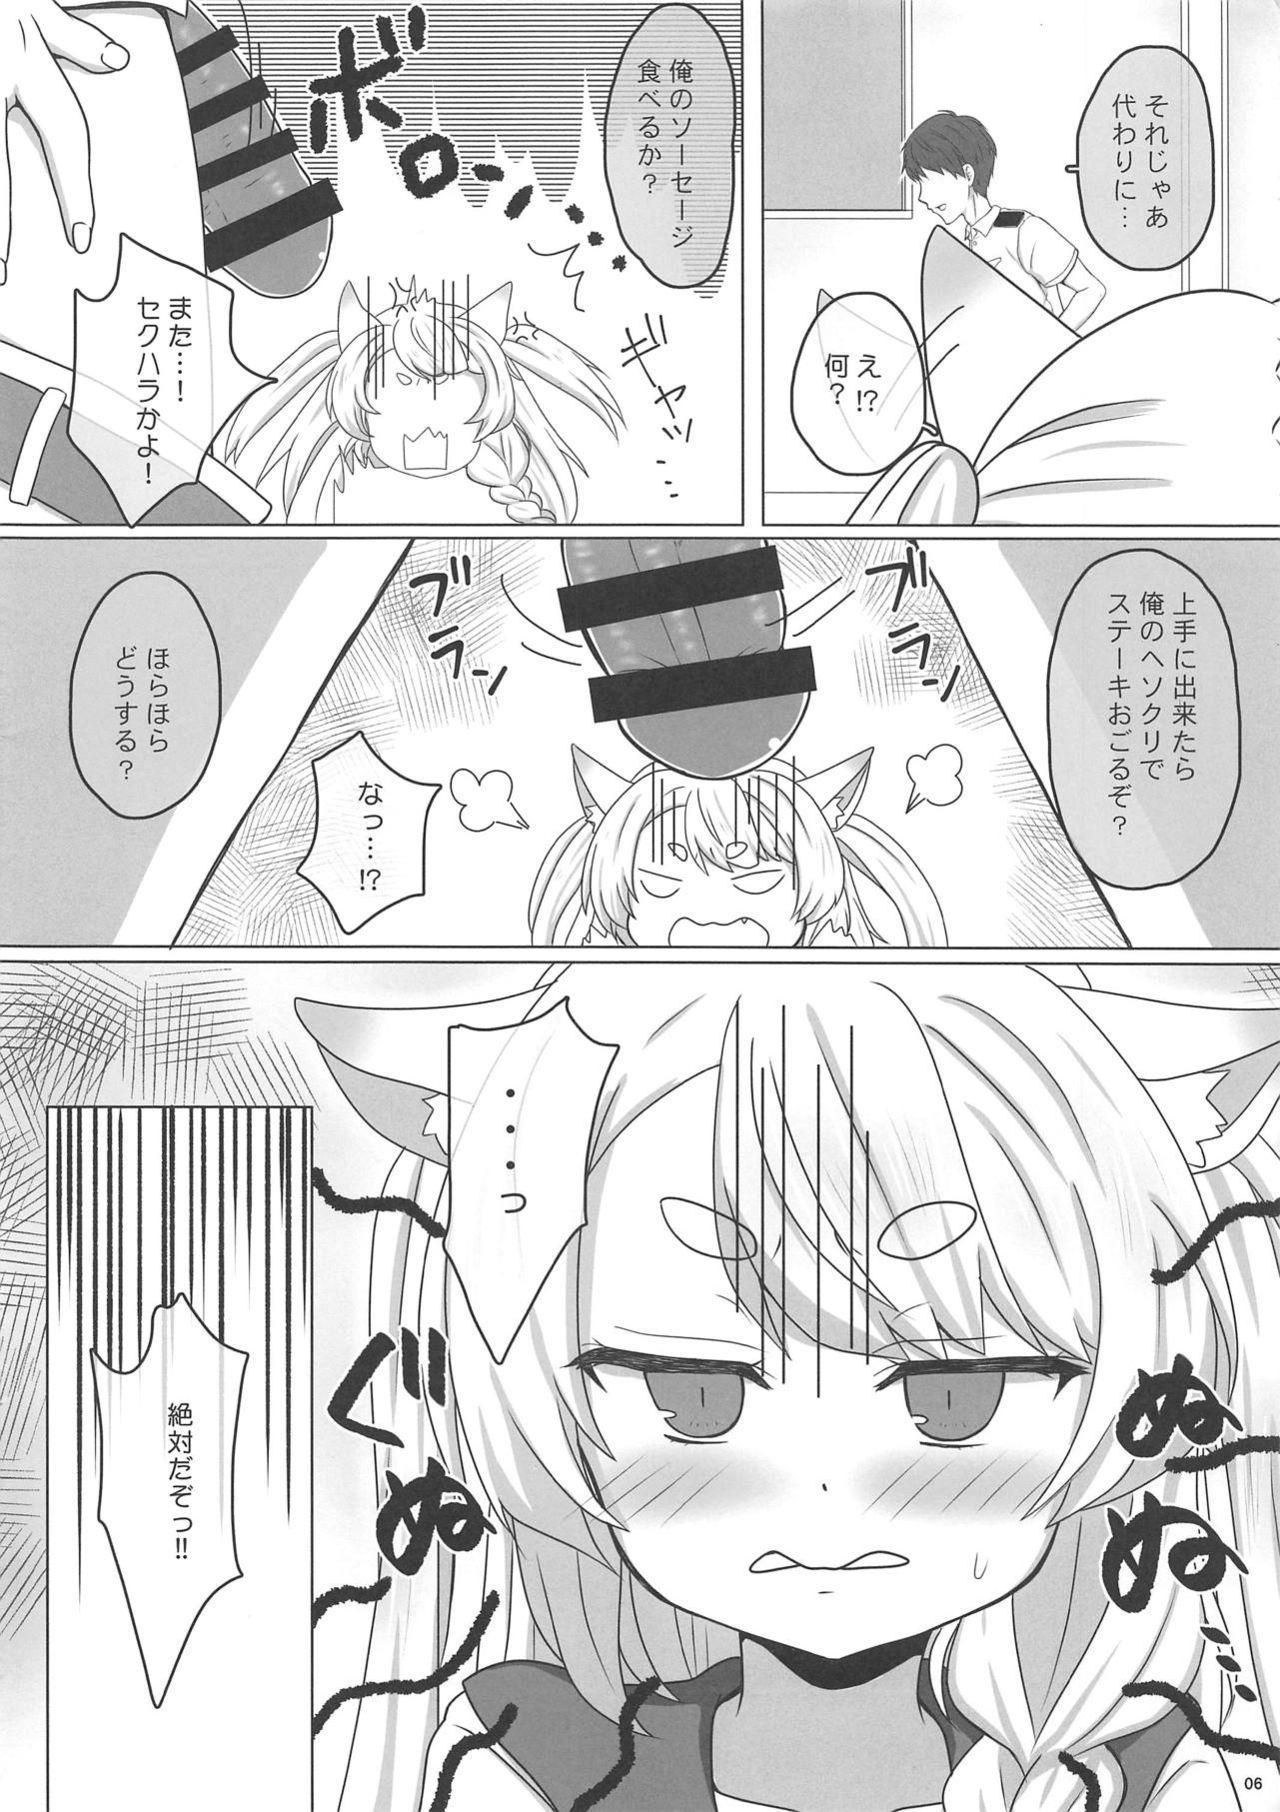 Uchi no Kawaii Yome 4